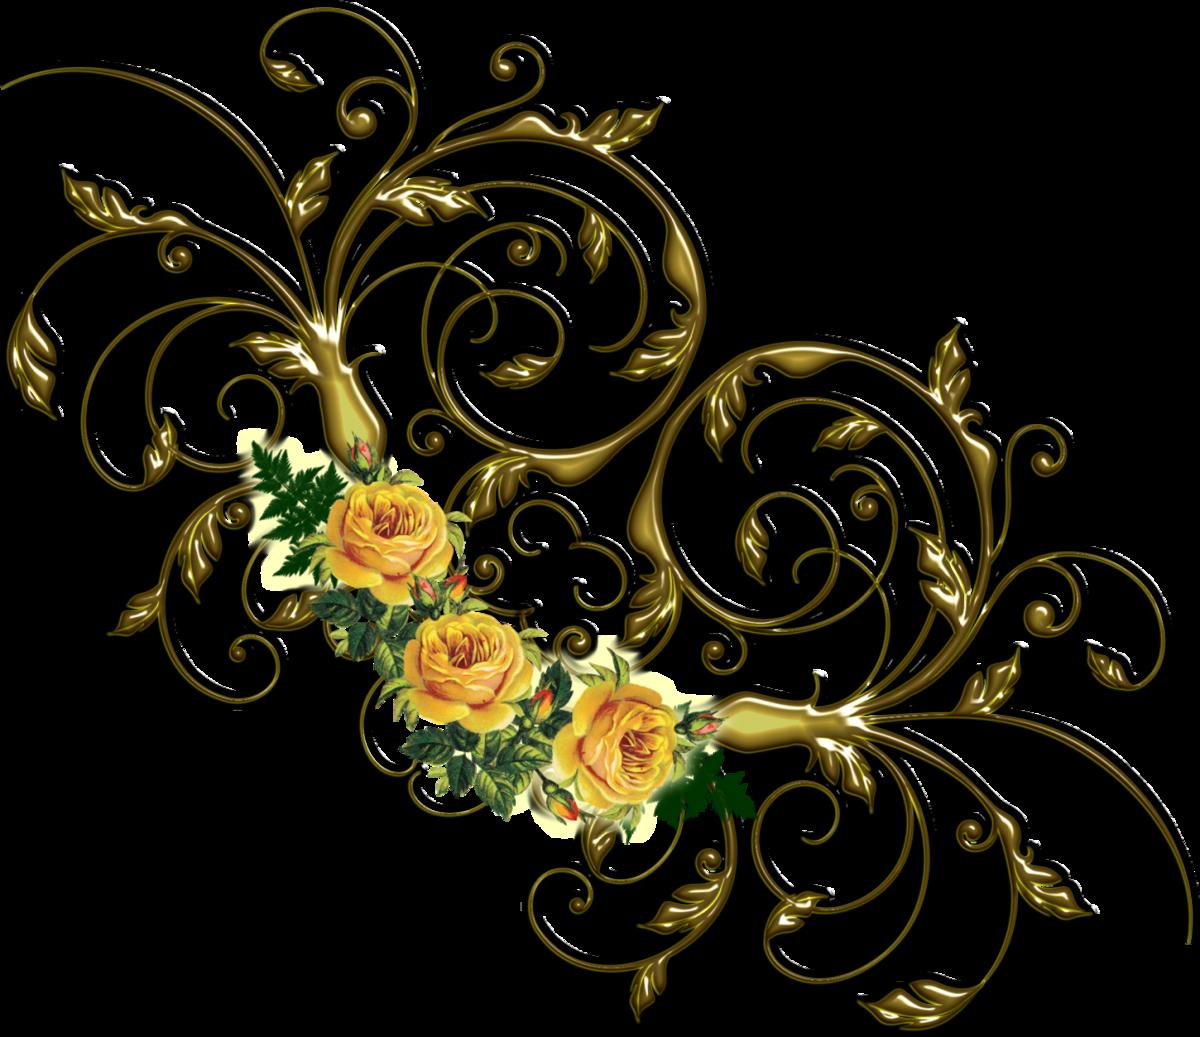 Февраля, красивая виньетка картинки